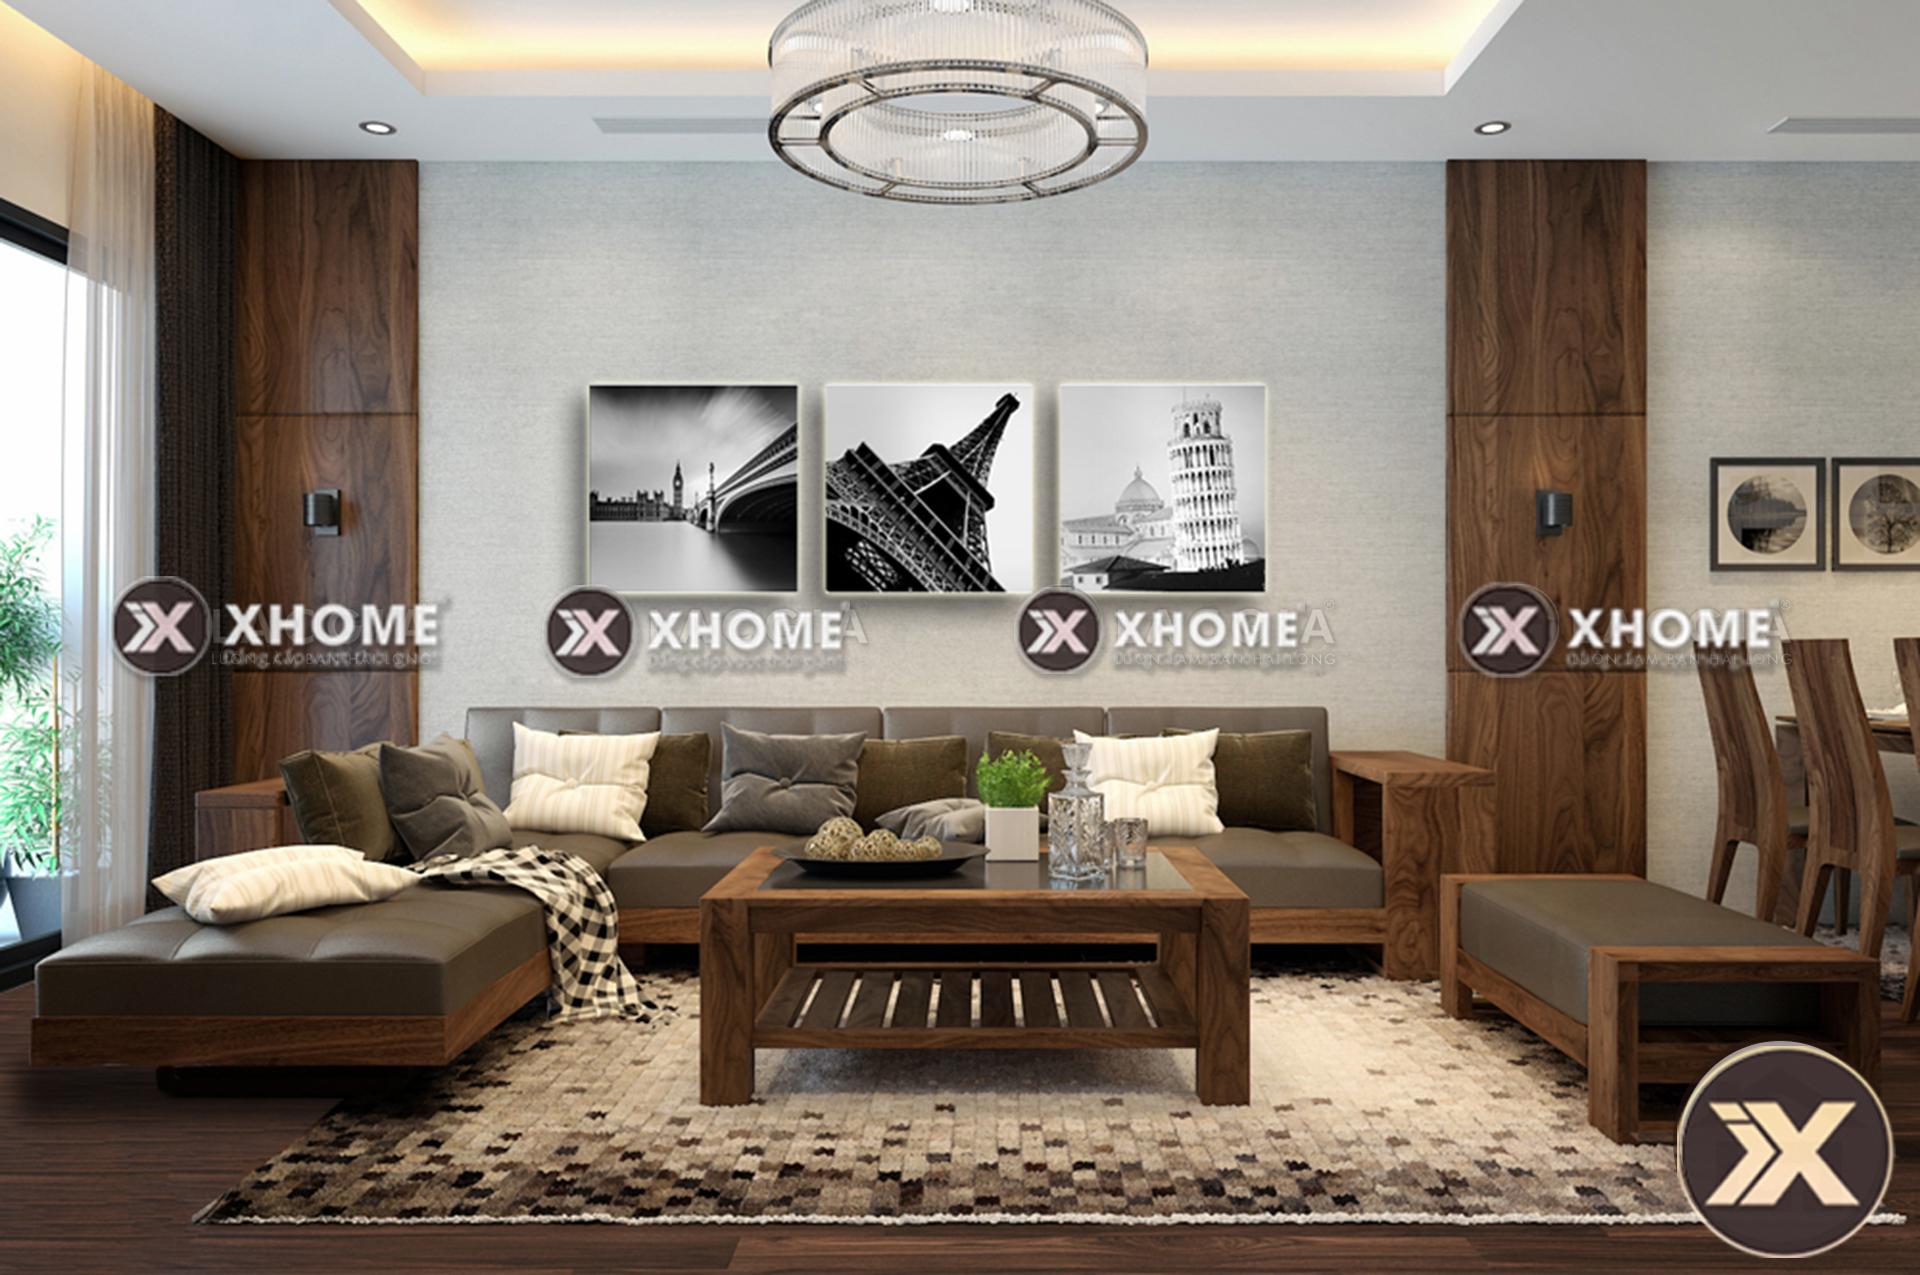 sofa go chu L cao cap SF01 - Kích thước tiêu chuẩn của sofa gỗ chữ L hiện đại